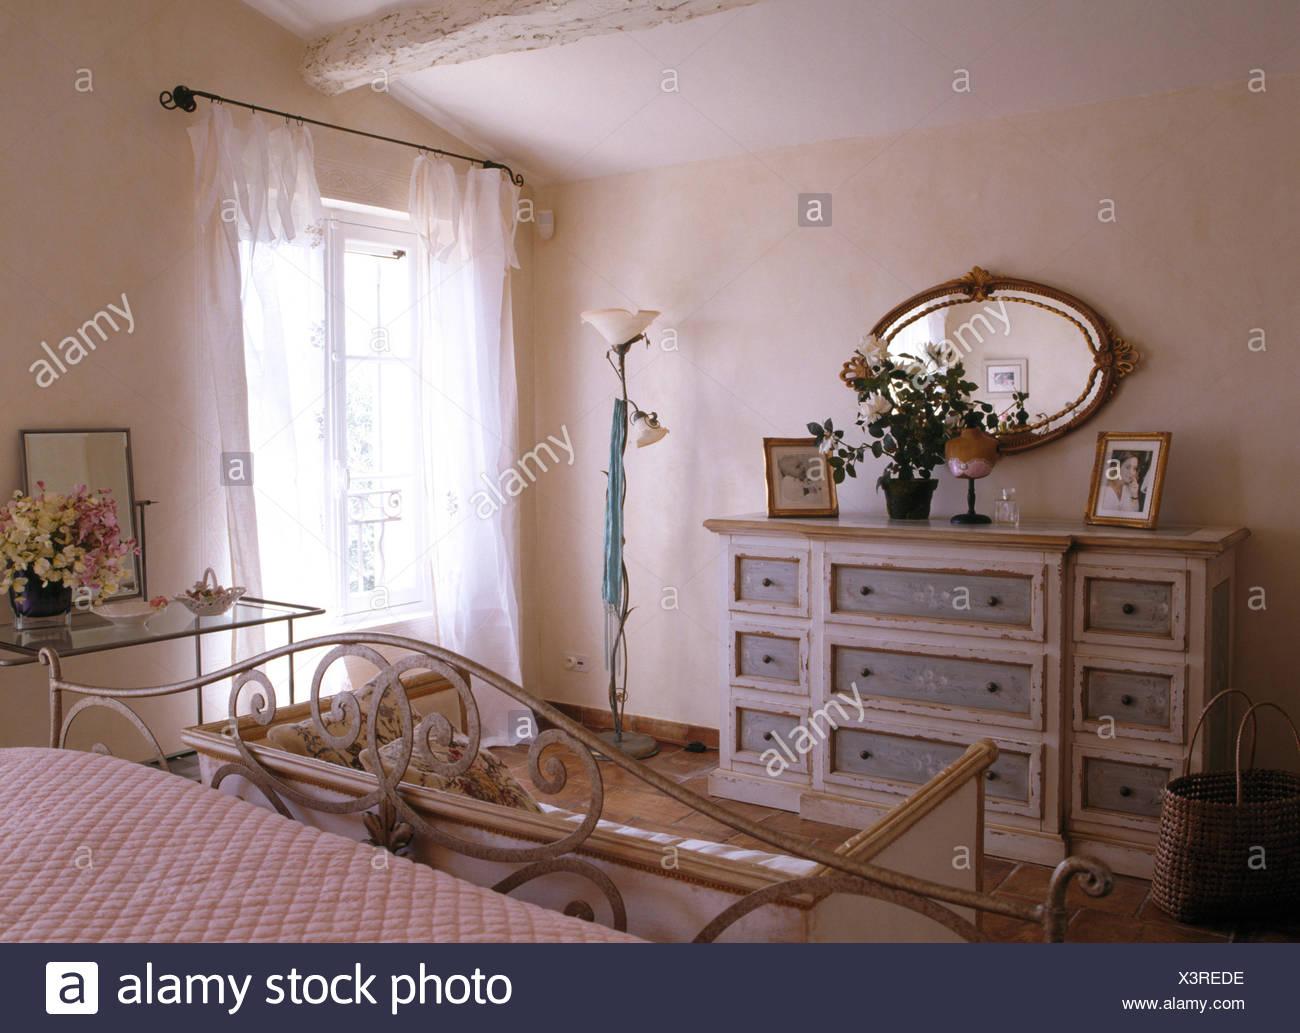 Cassettiera Camera Da Letto Con Specchio.Specchio Ovale Dipinto Sopra Cassettiera In Paese Francese Camera Da